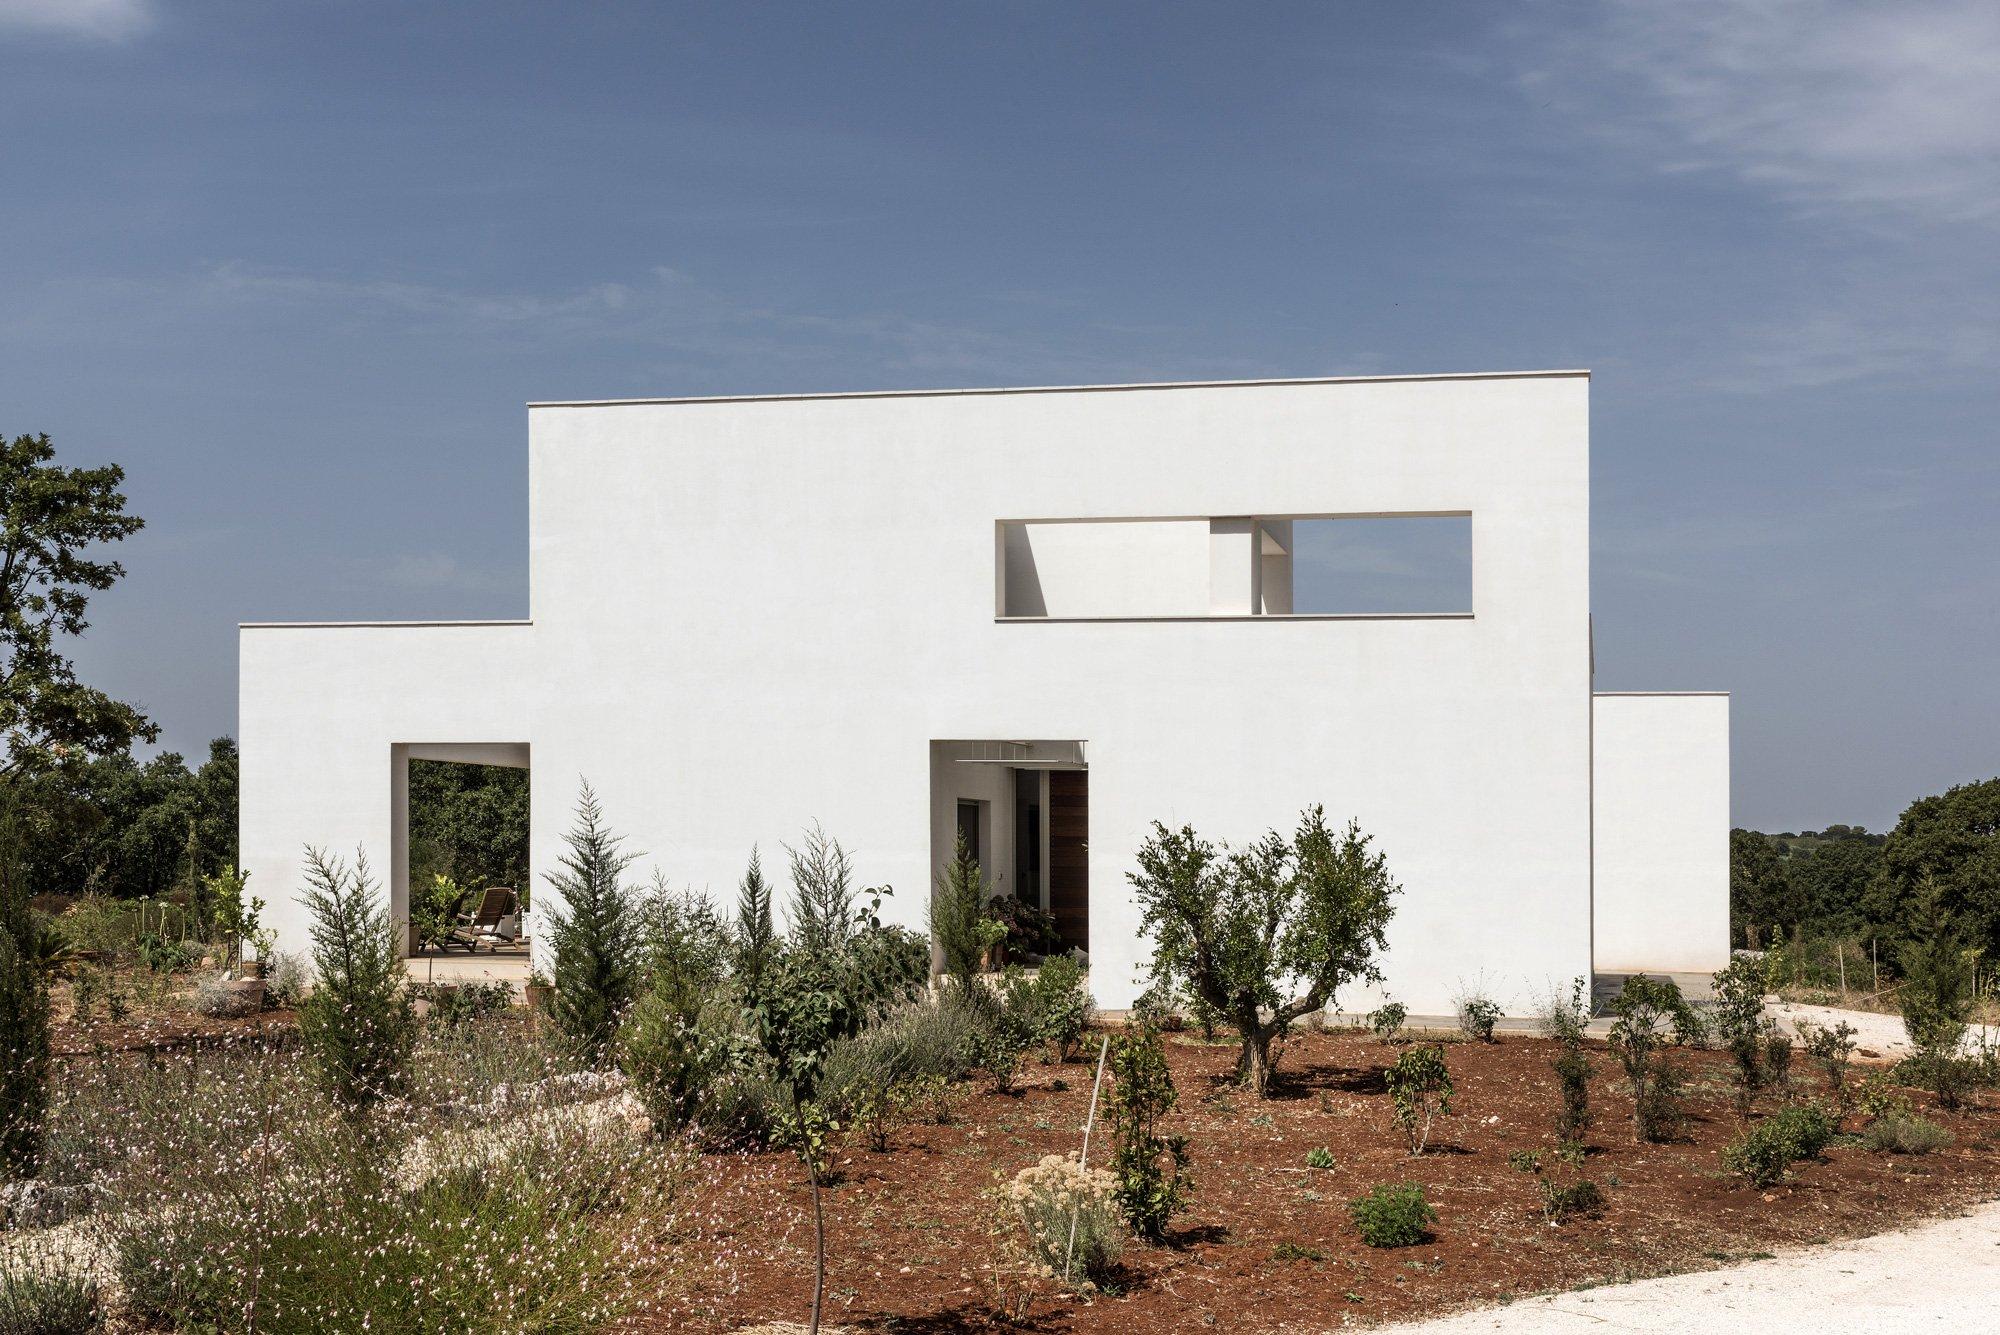 Casa P © Vito Corvasce